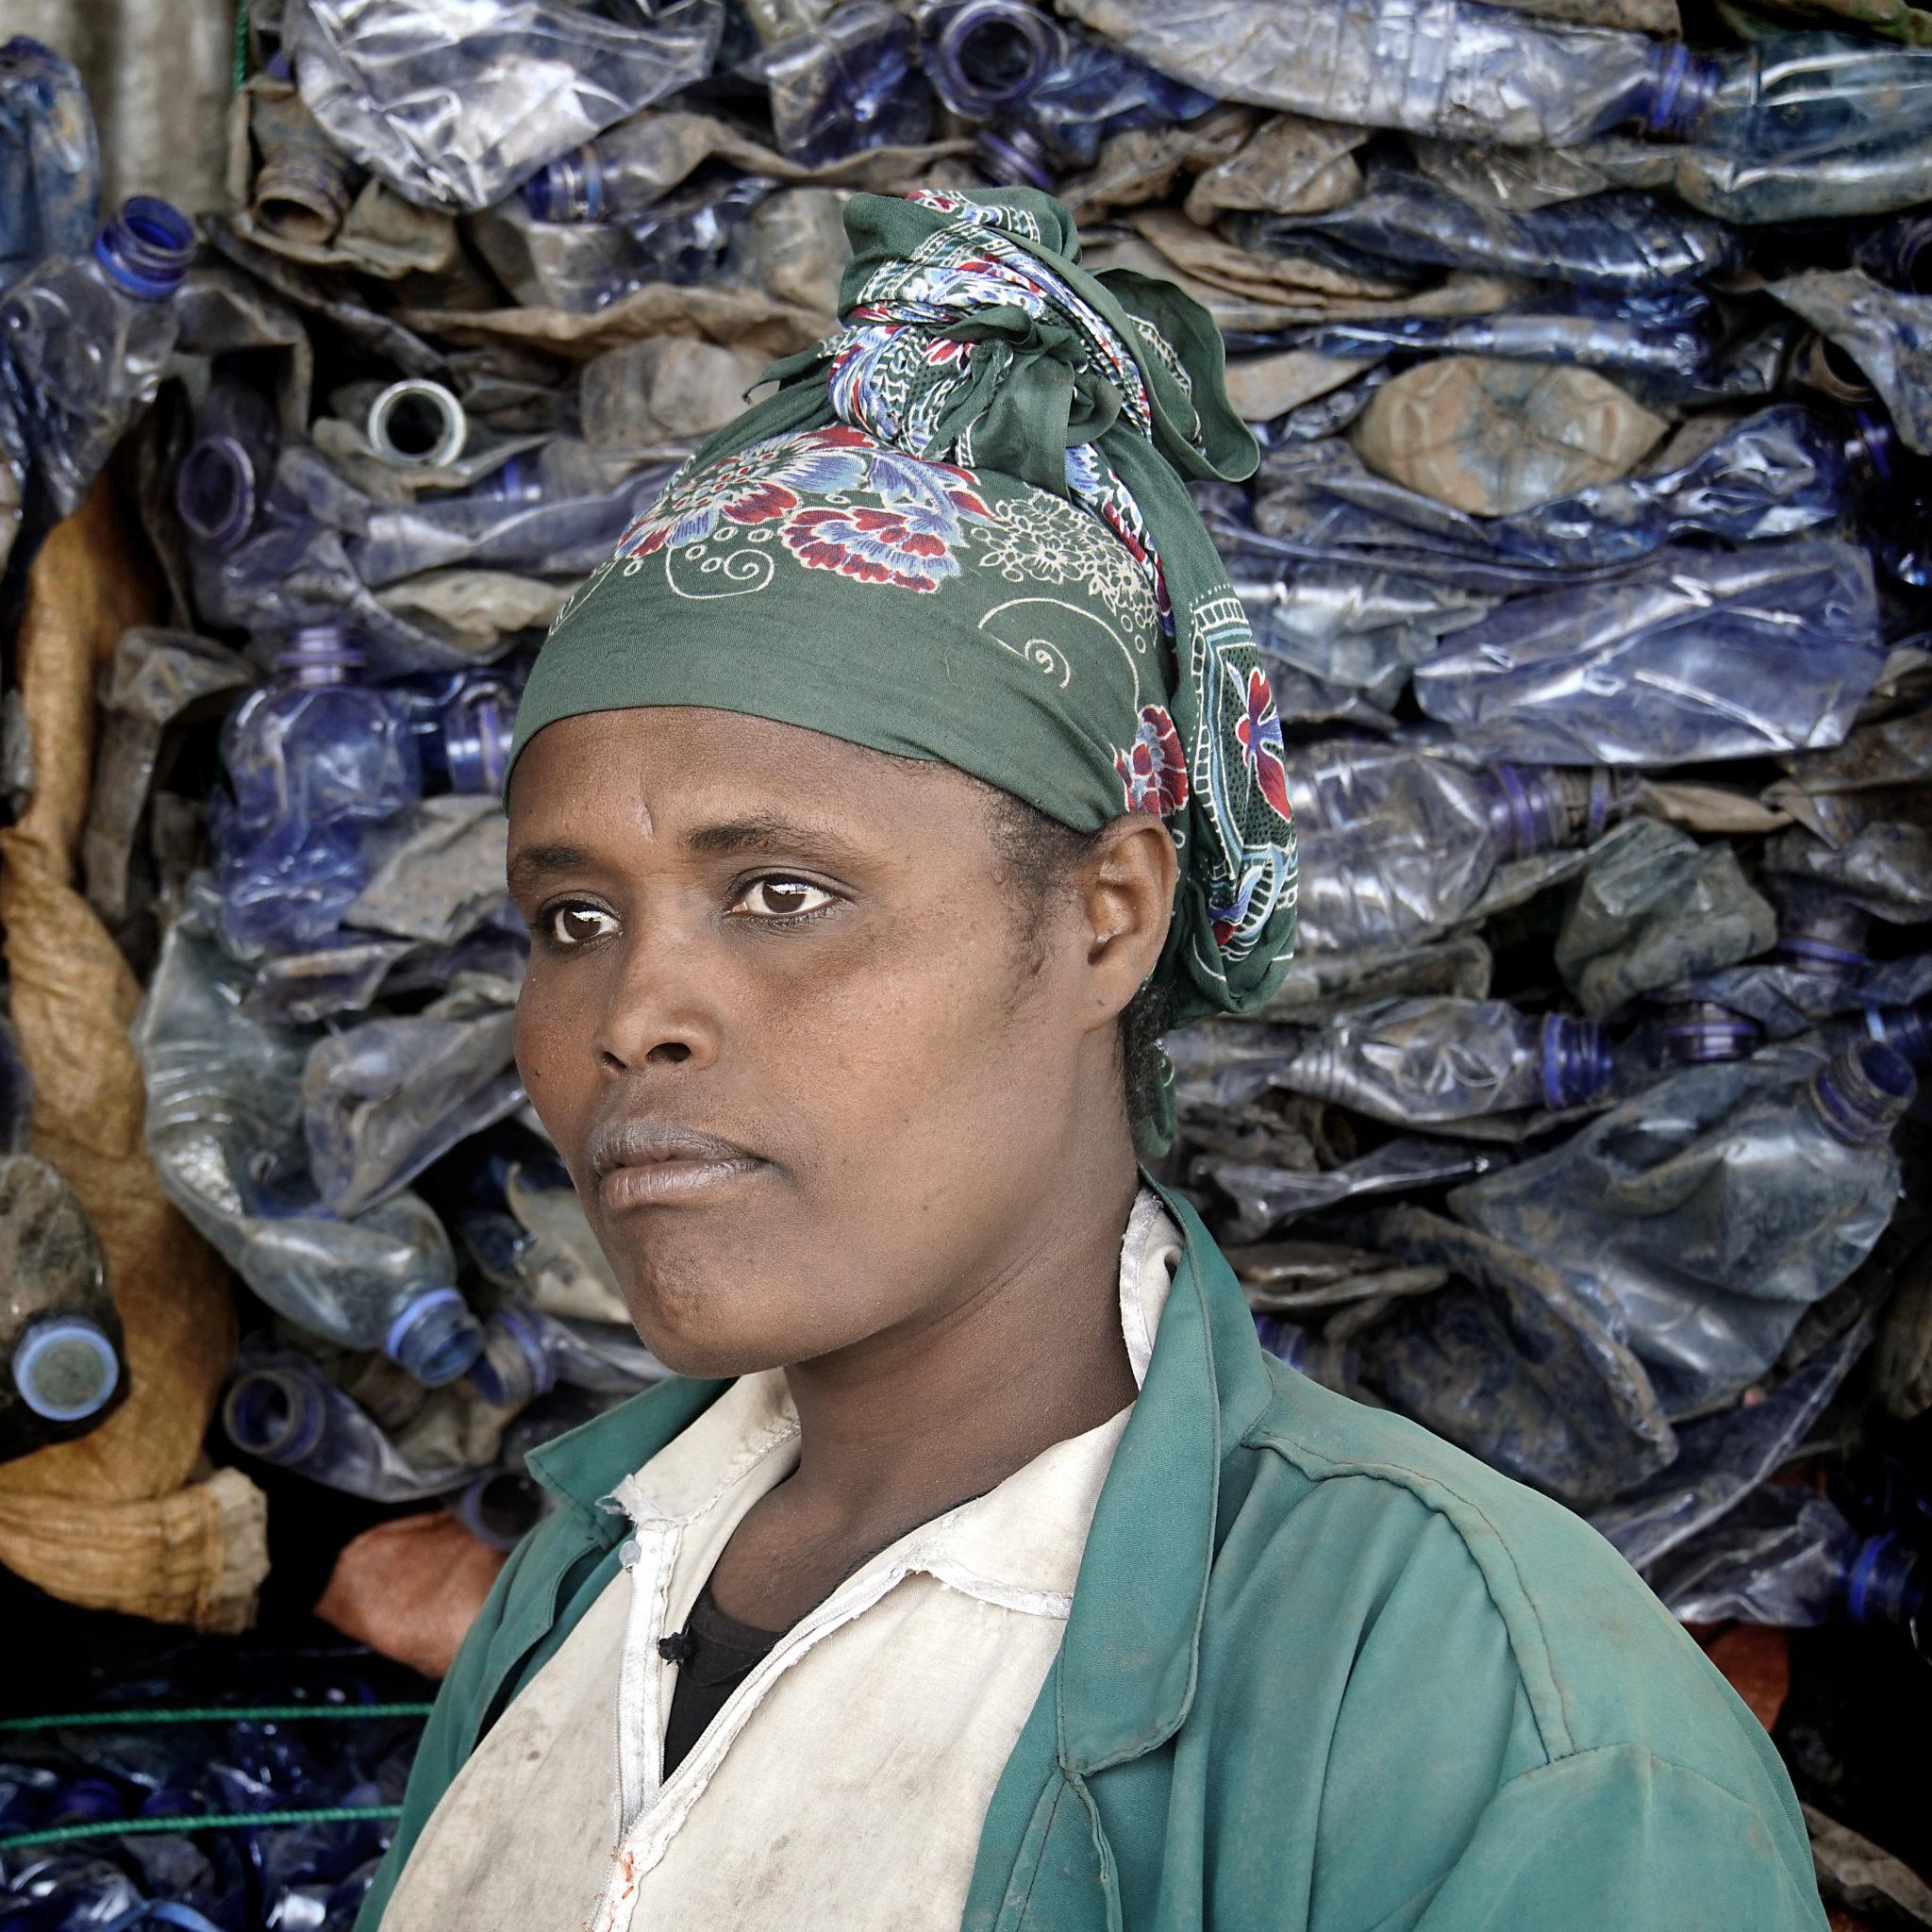 Kuvassa tumma nainen. Muovipulloja näkyy taustalla.